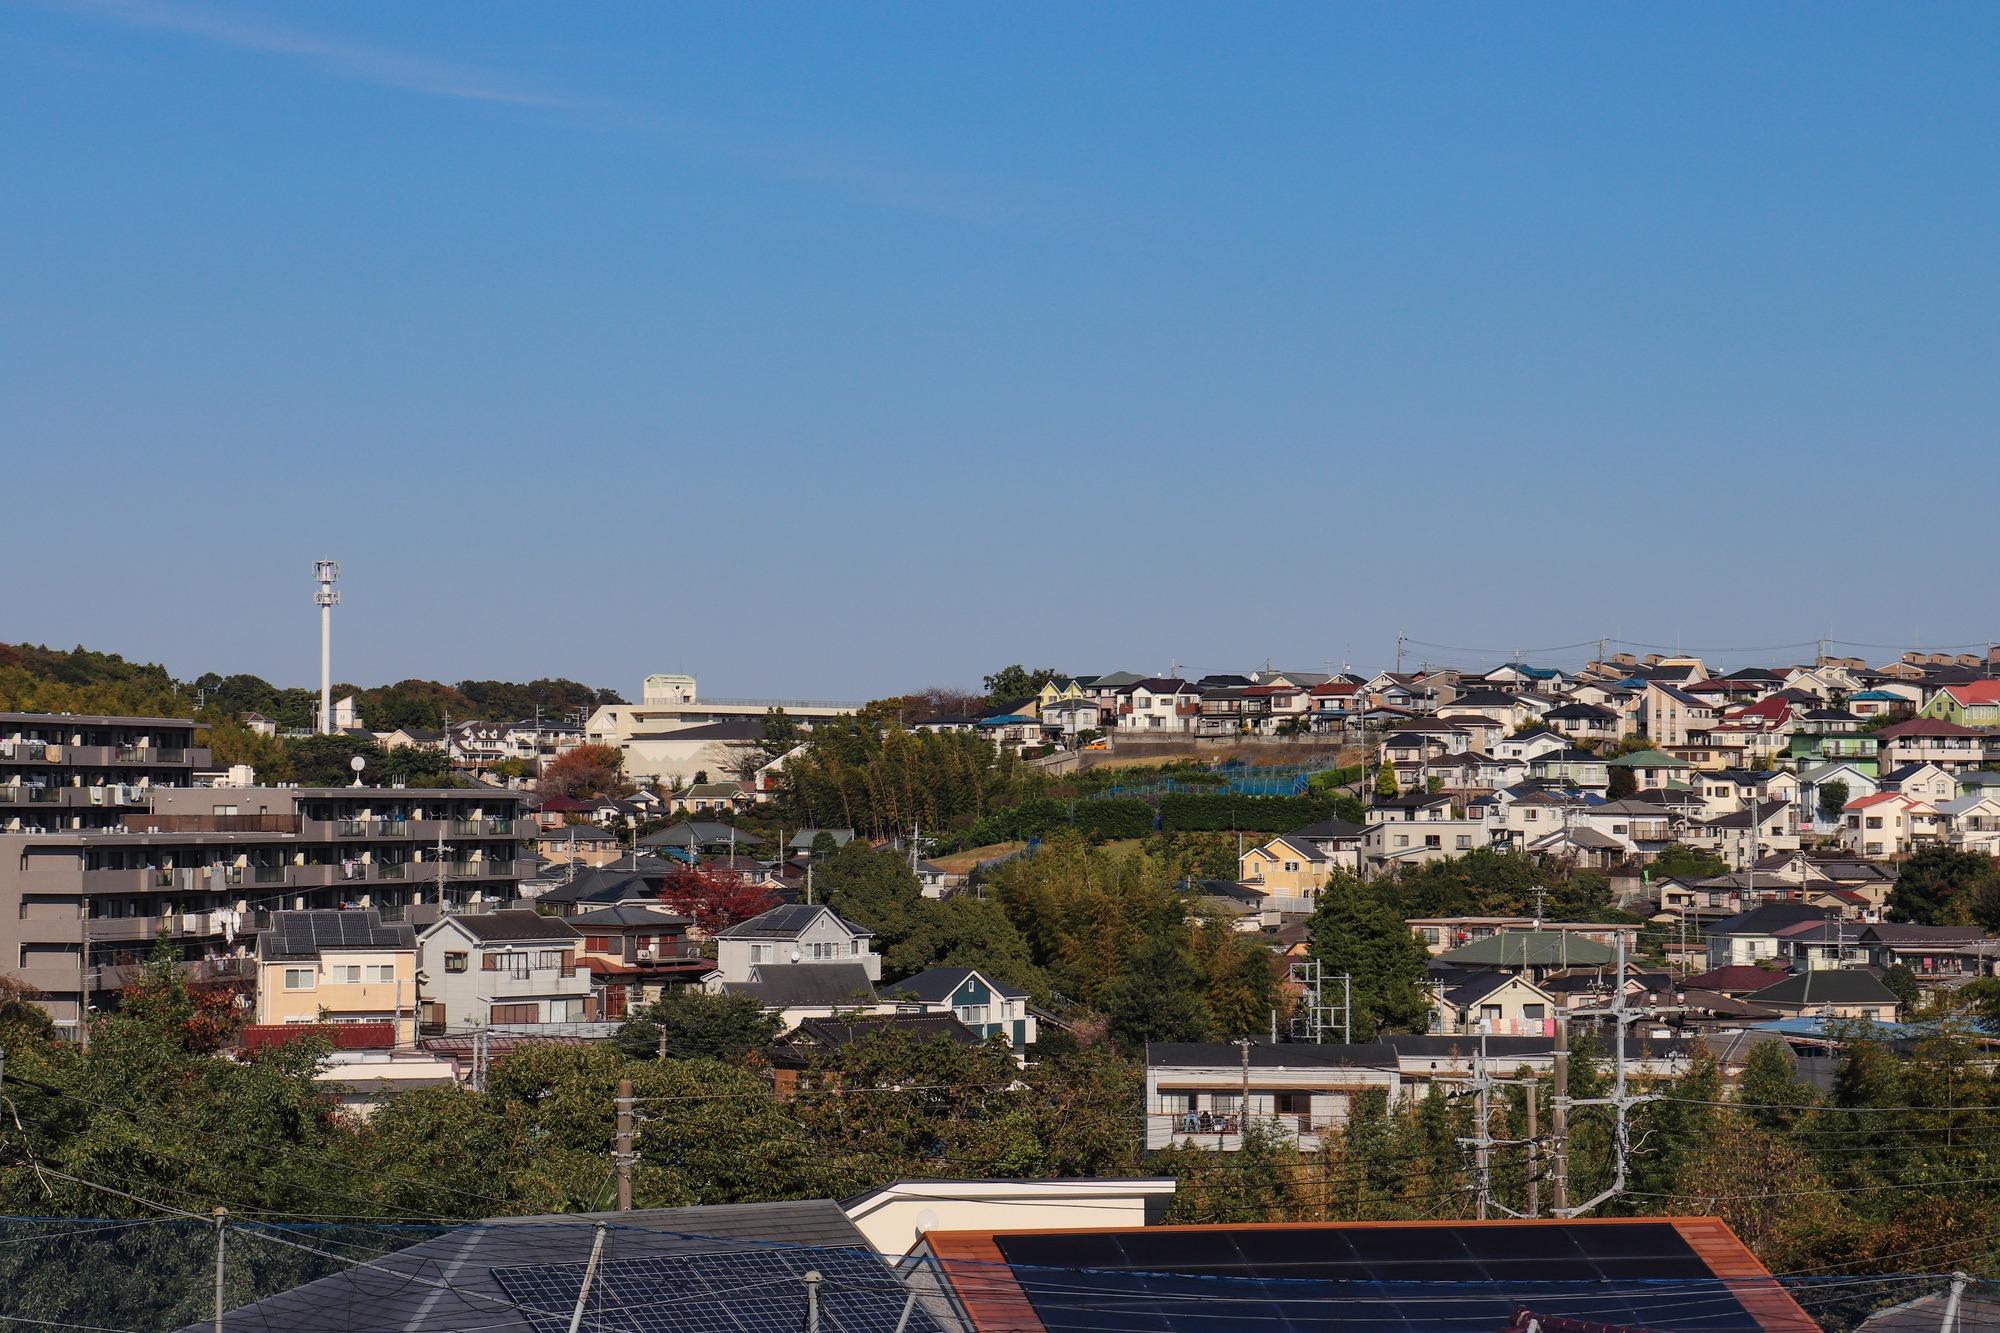 【粗大ゴミ回収業者選び】横浜市泉区で高評価の口コミが集まっている業者5つを紹介!